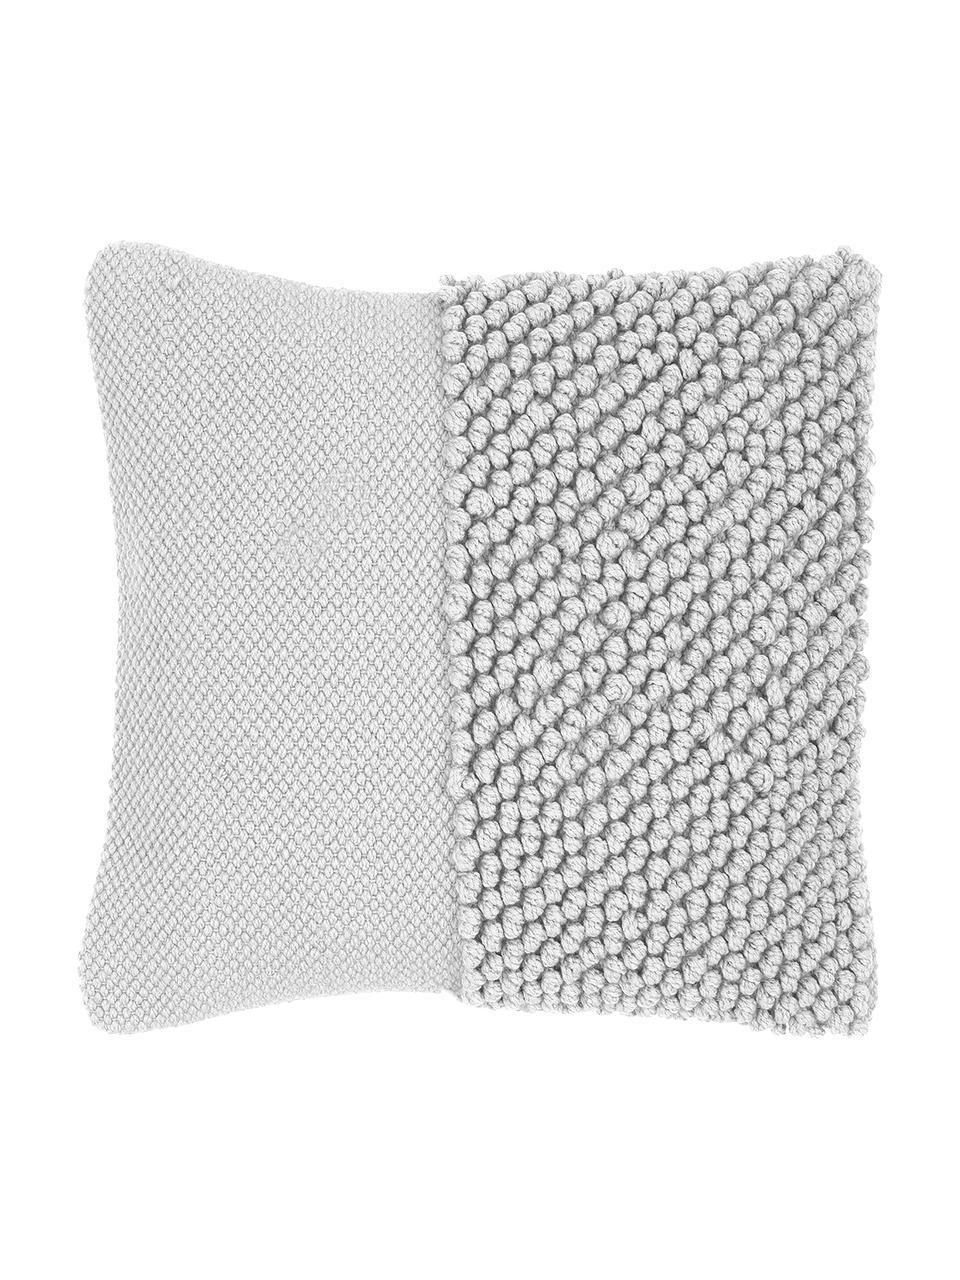 Kussenhoes Andi met gestructureerde oppervlak, 90% acryl, 10% katoen, Lichtgrijs, 40 x 40 cm